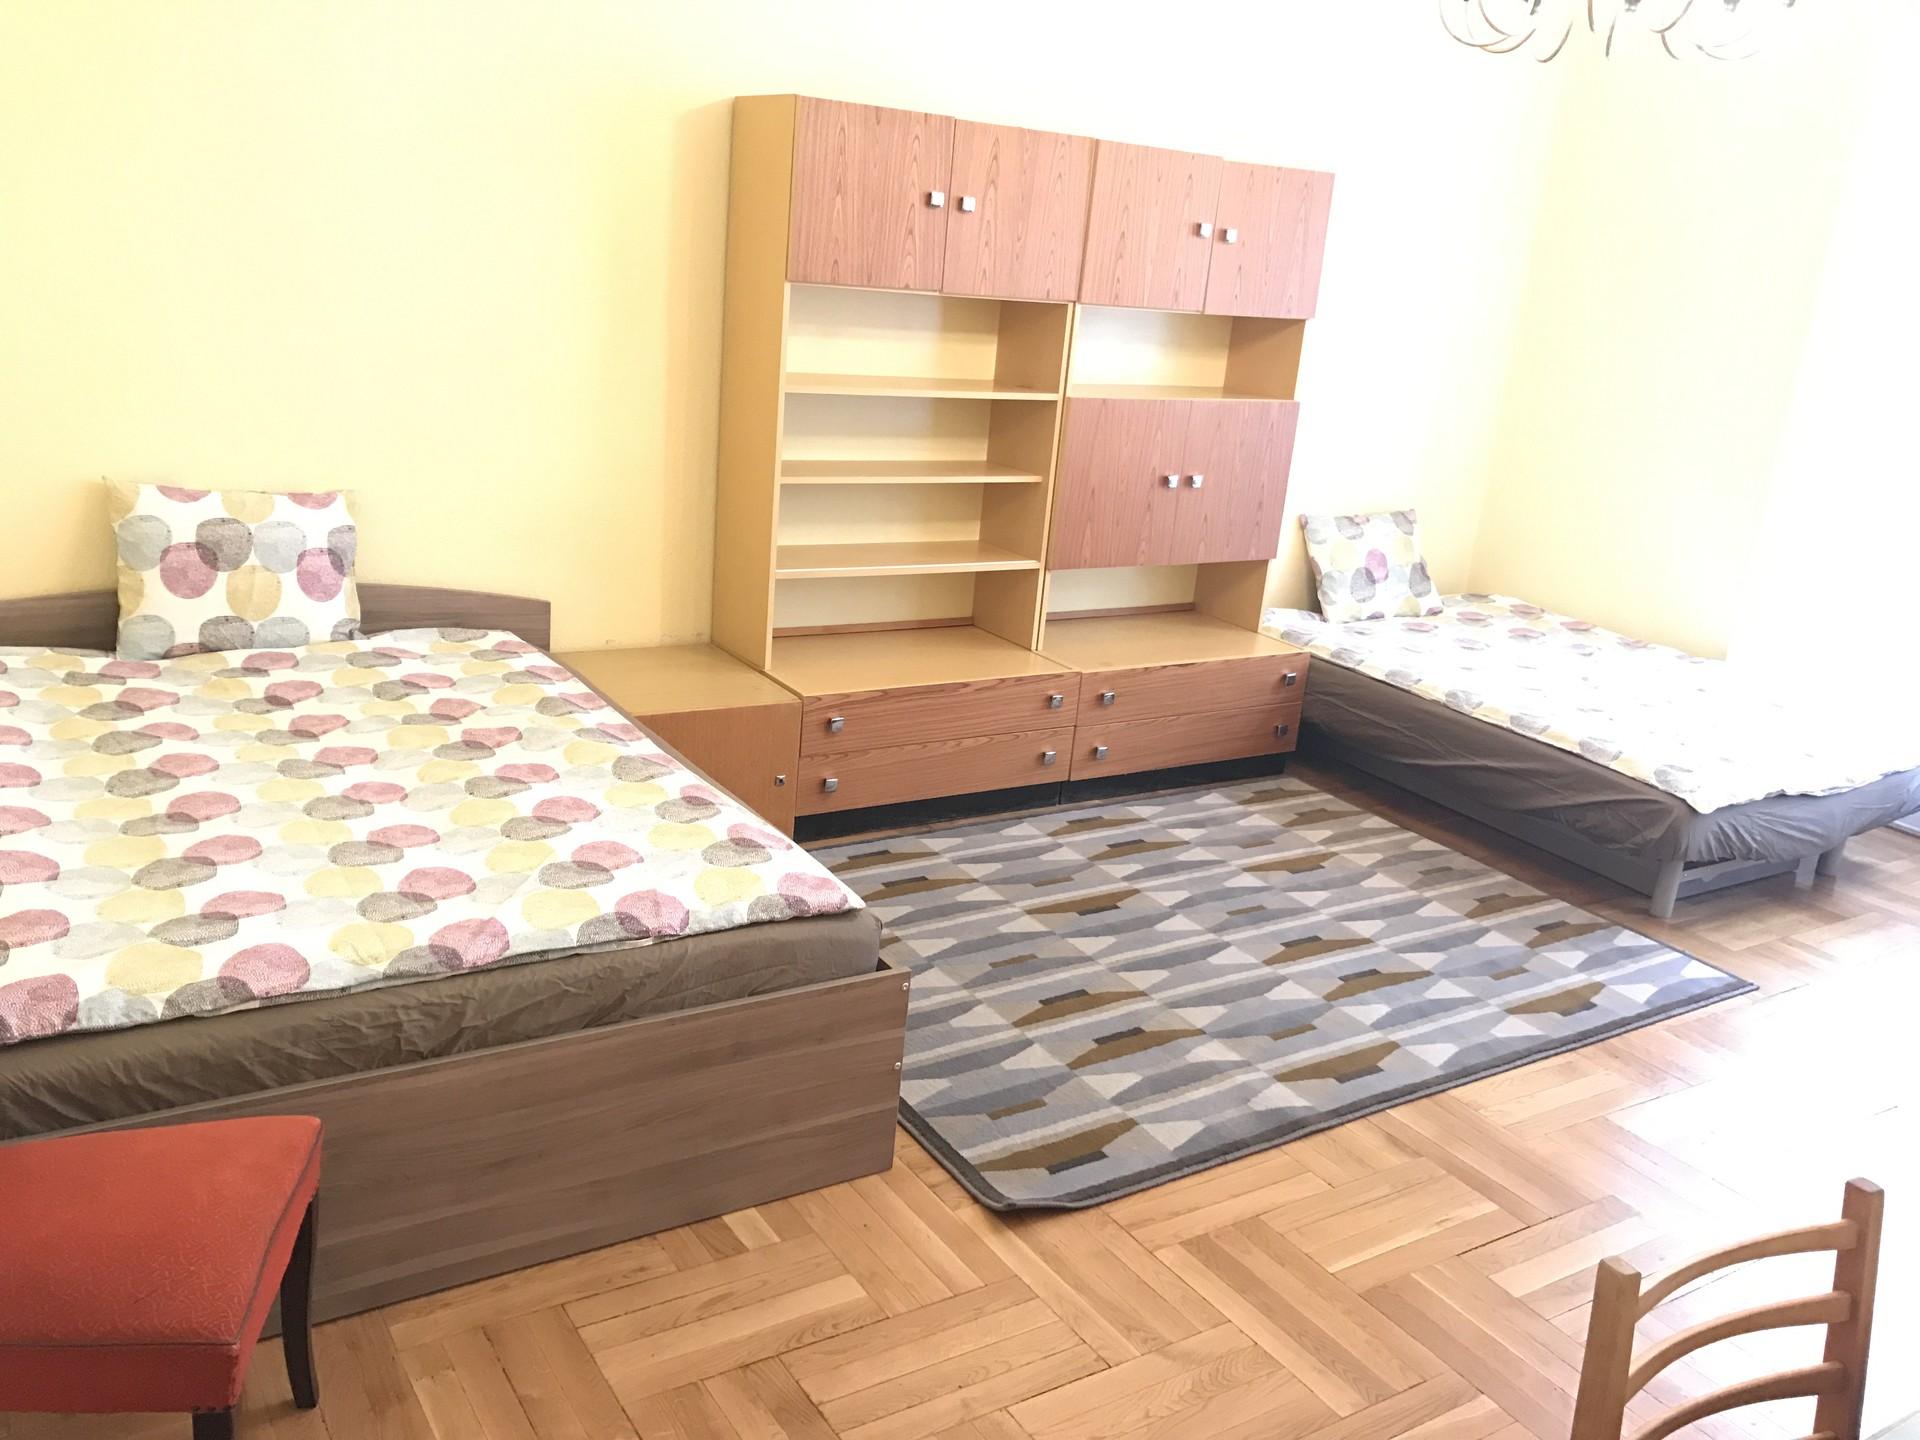 big-room-a10a60111549888c3720d3711340d4d3